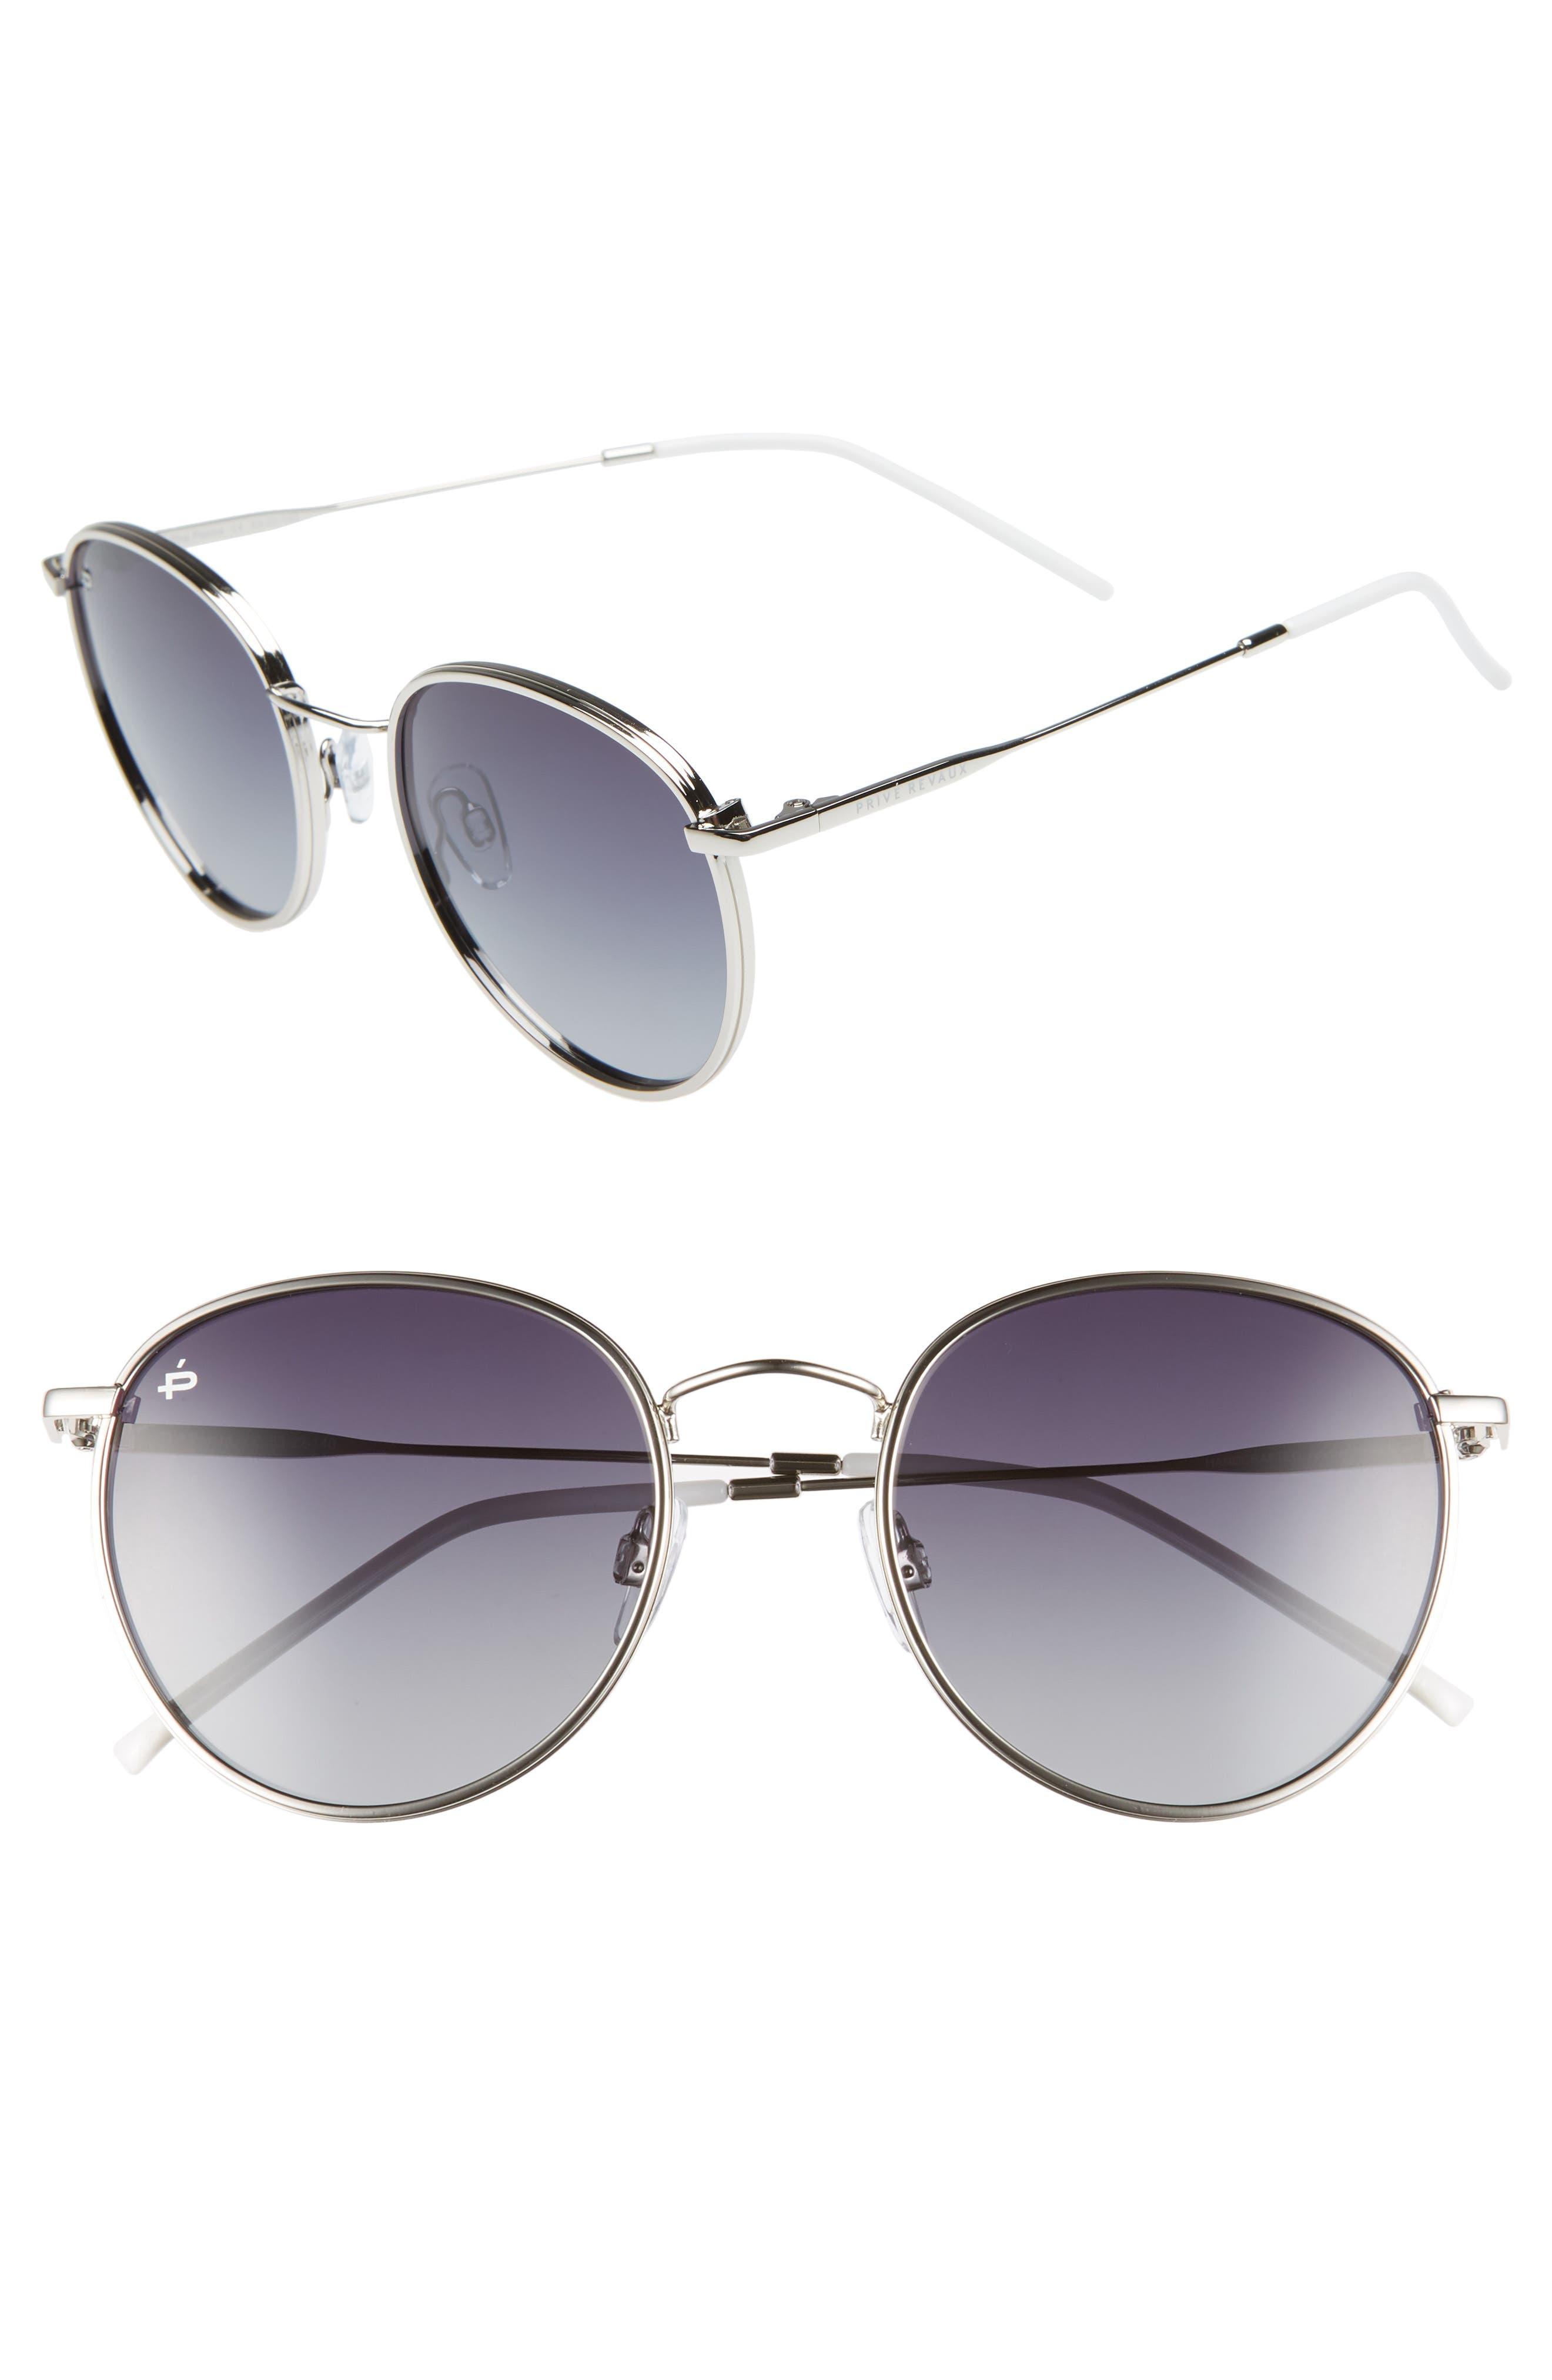 Privé Revaux The Patriot 53mm Sunglasses,                             Main thumbnail 2, color,